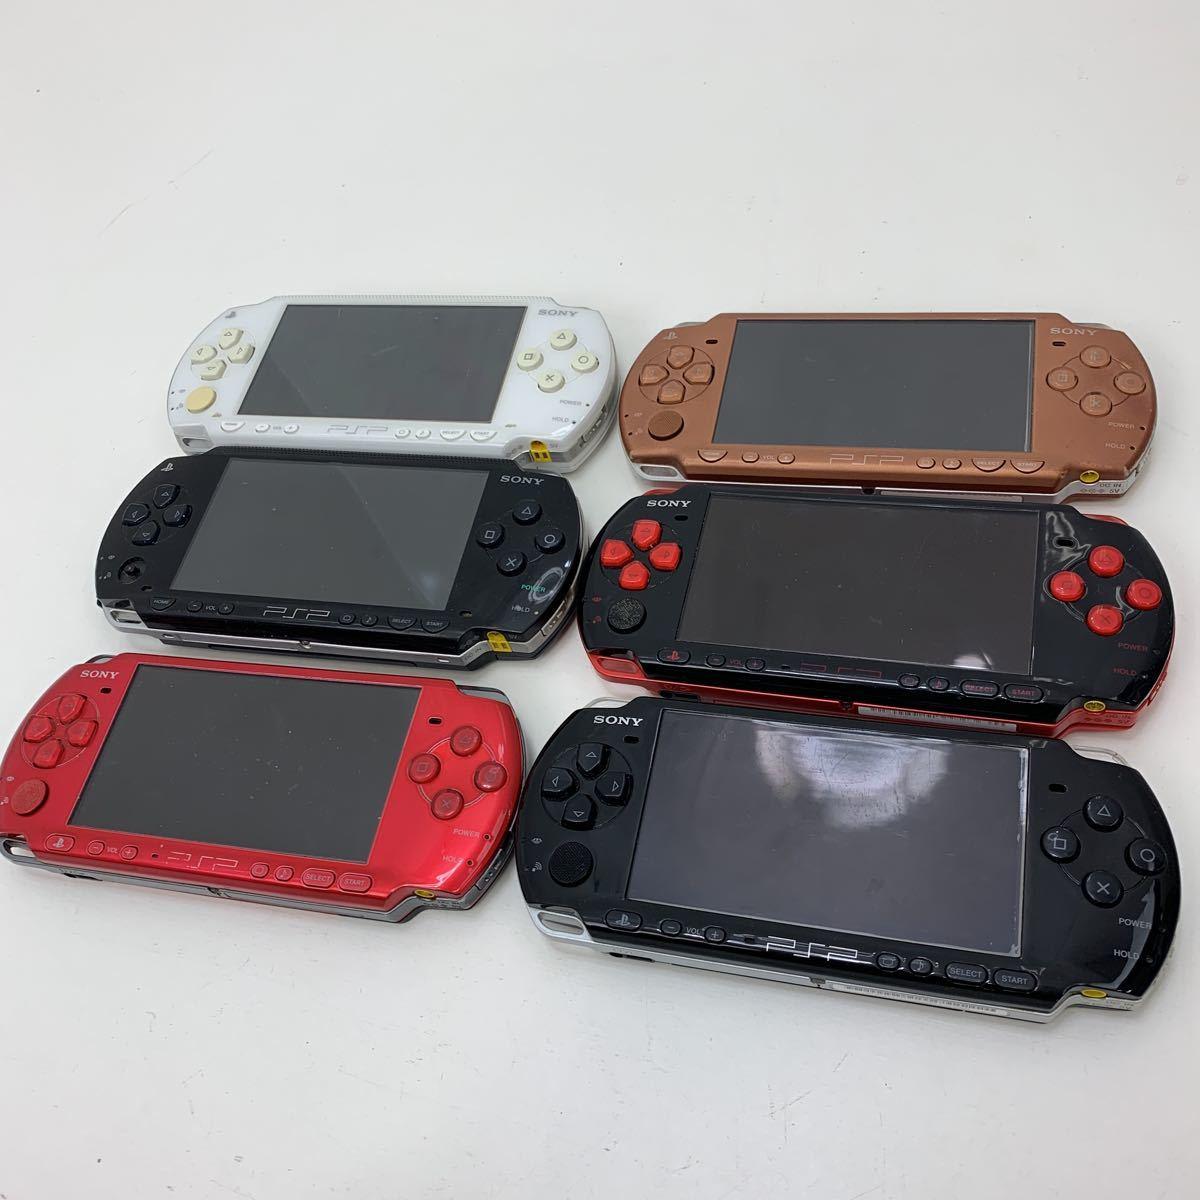 ソニー SONY 現状品 / PSP-3000 3台 / PSP-2000 1台 / PSP-1000 2台 / 計6台セット 現状品